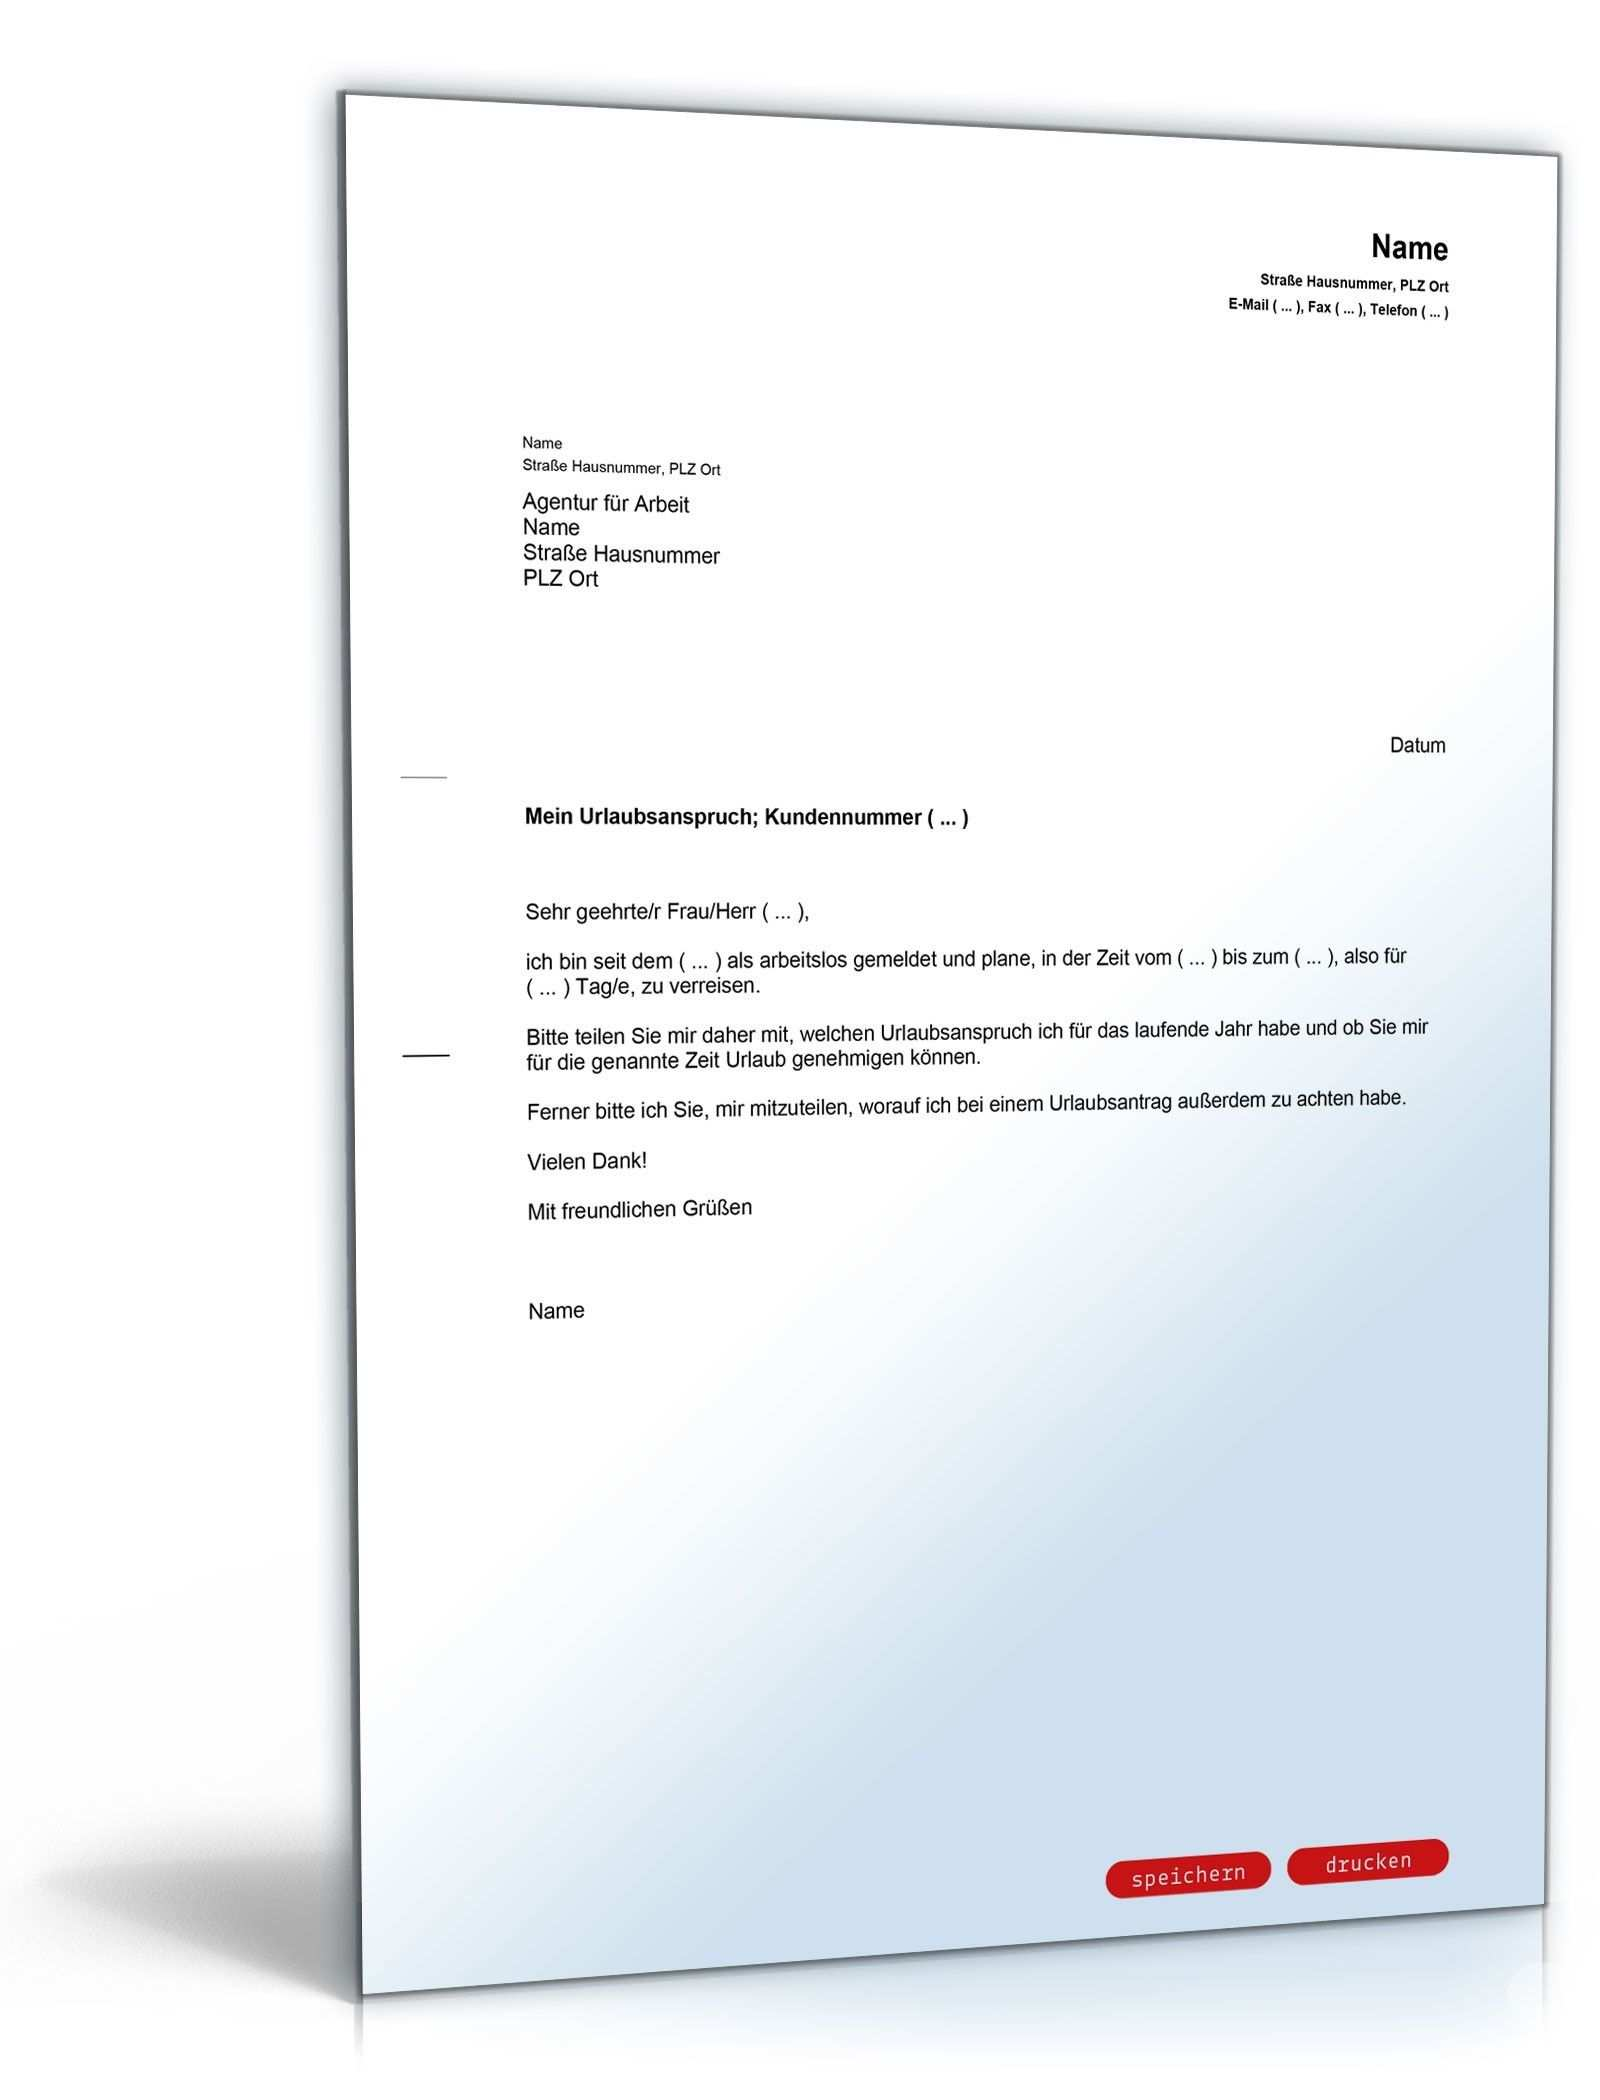 Neu Urlaubsantrag Excel Briefprobe Briefformat Briefvorlage